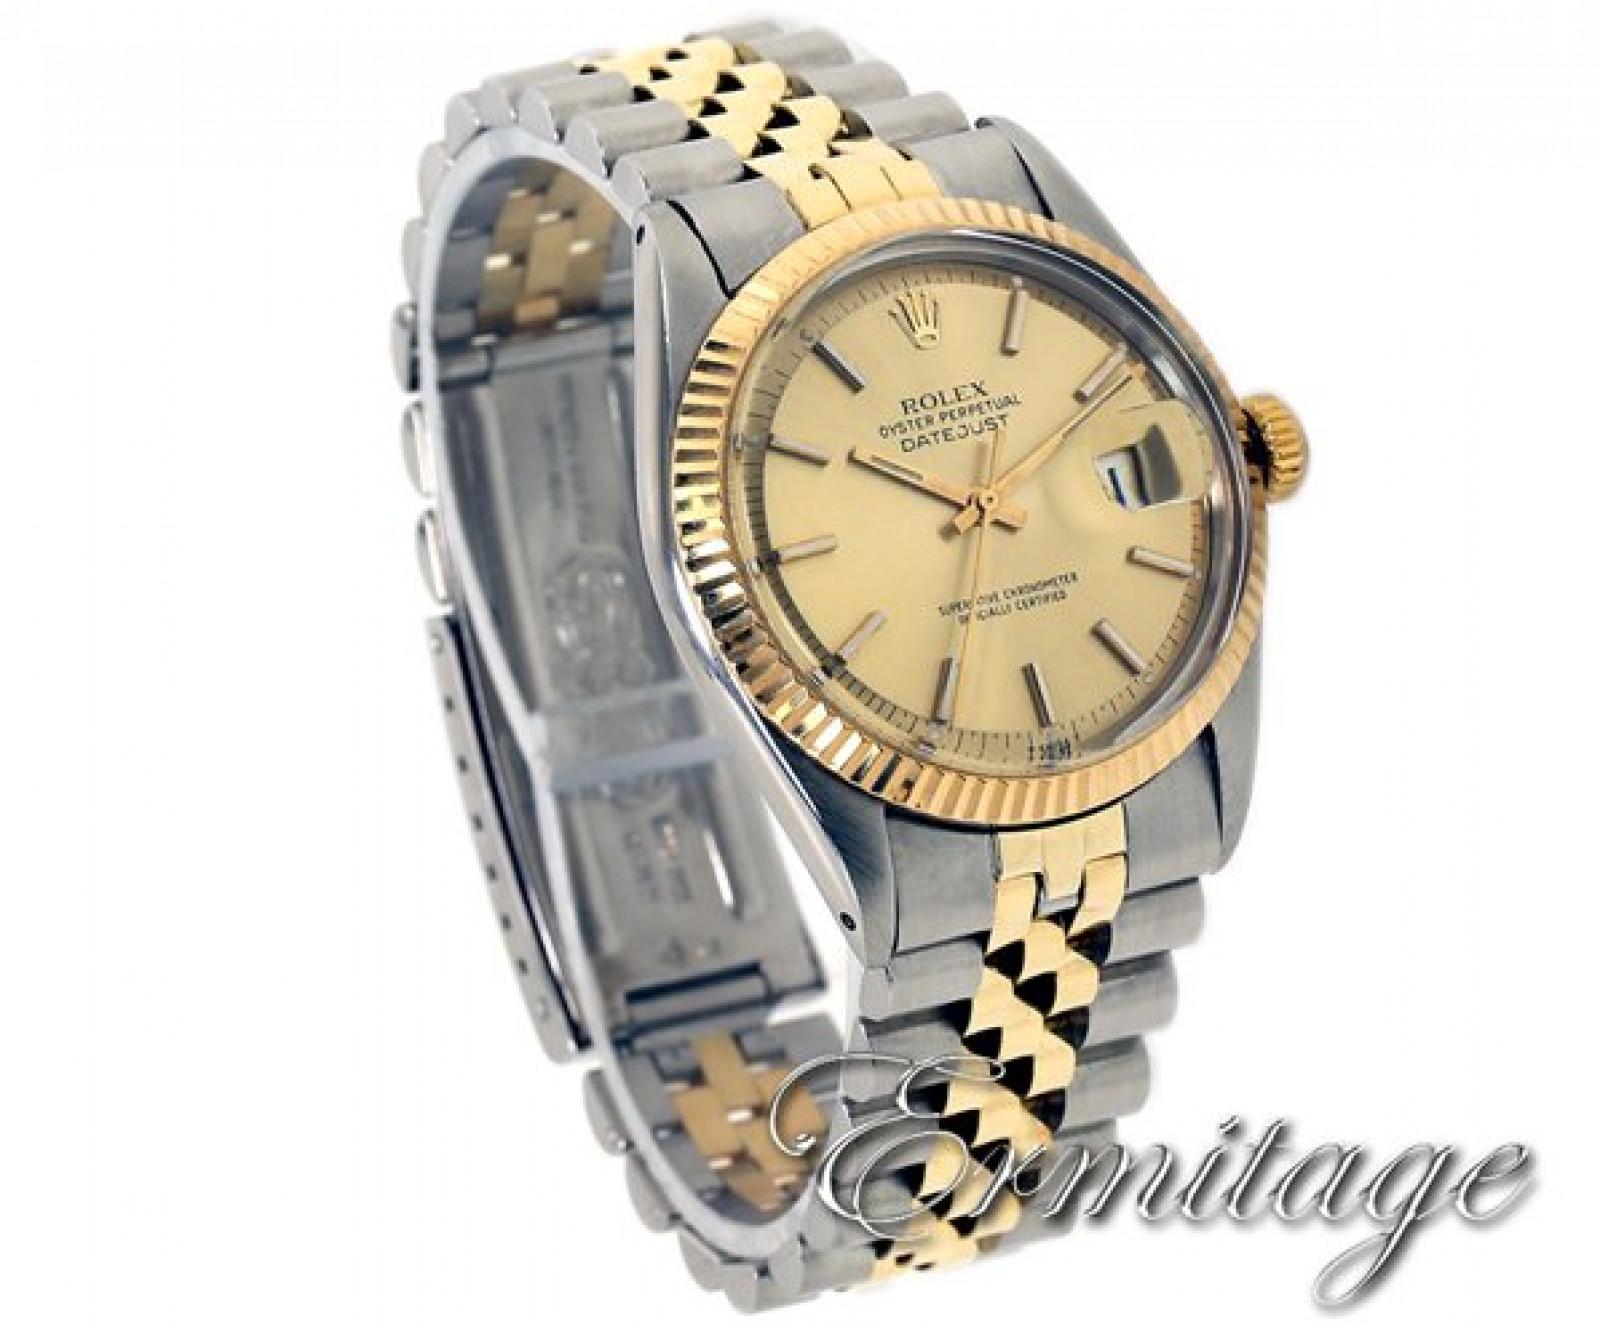 Rolex Datejust 1603 Gold & Steel